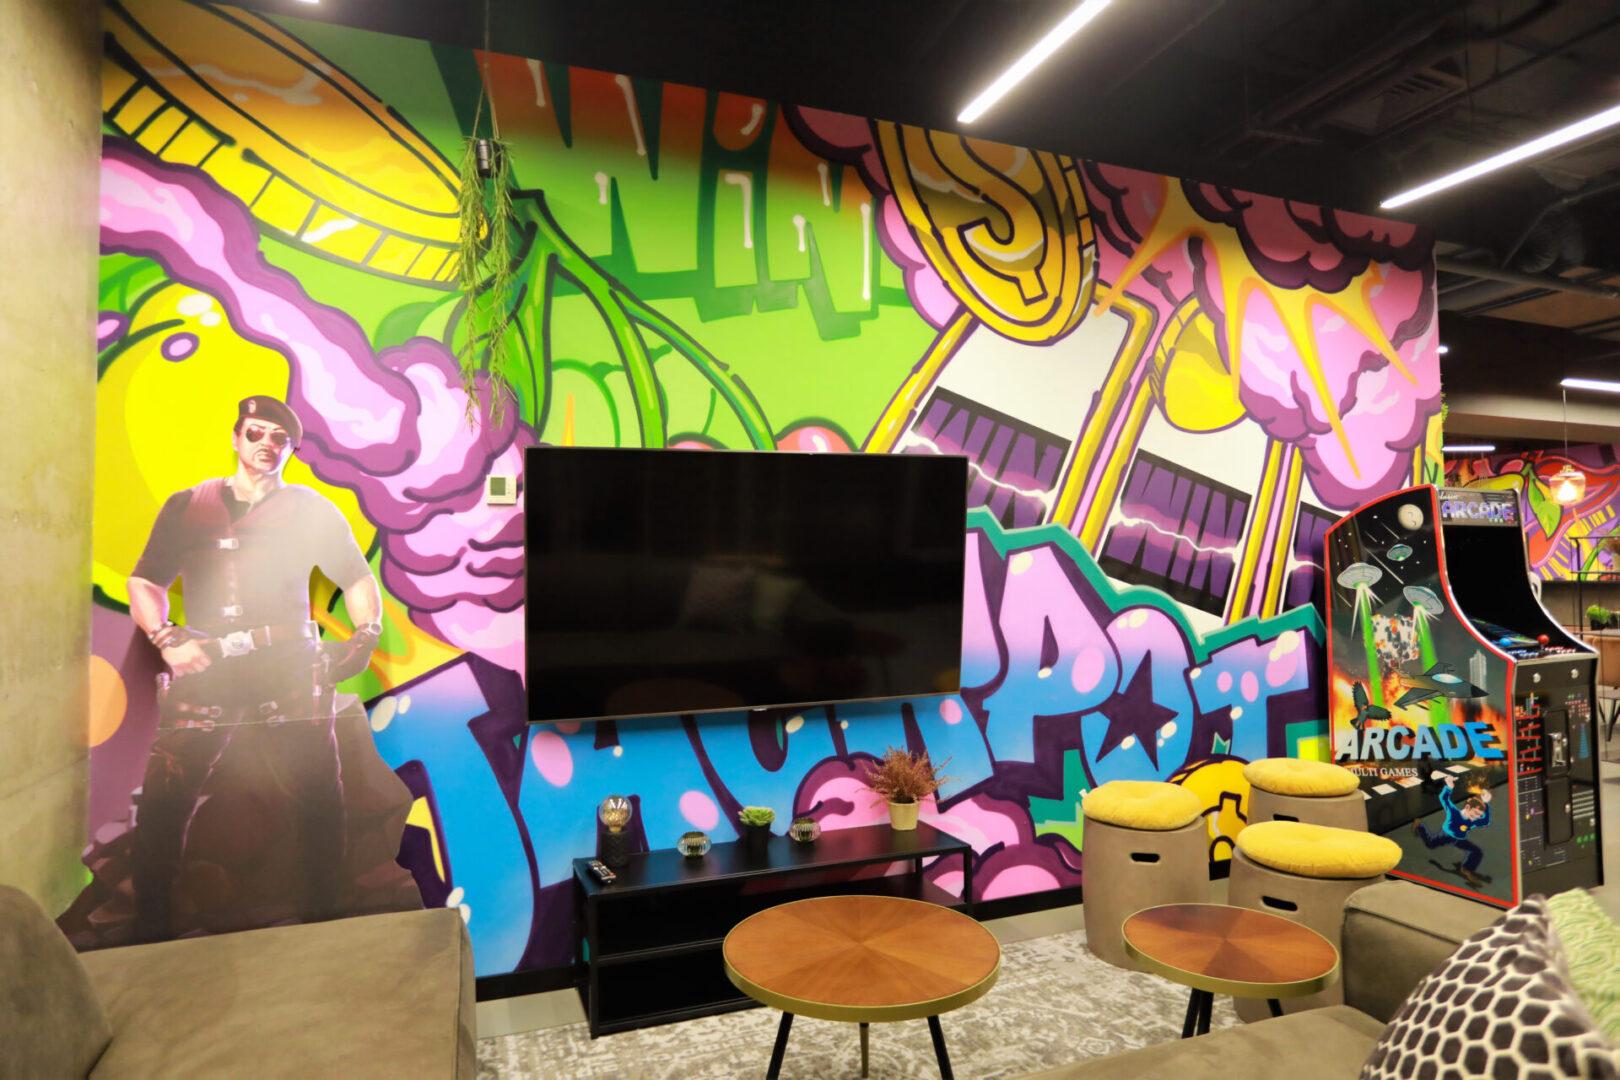 Художественное оформление офиса IT компании (часть 2) UT-ART STUDIO лаундж бар